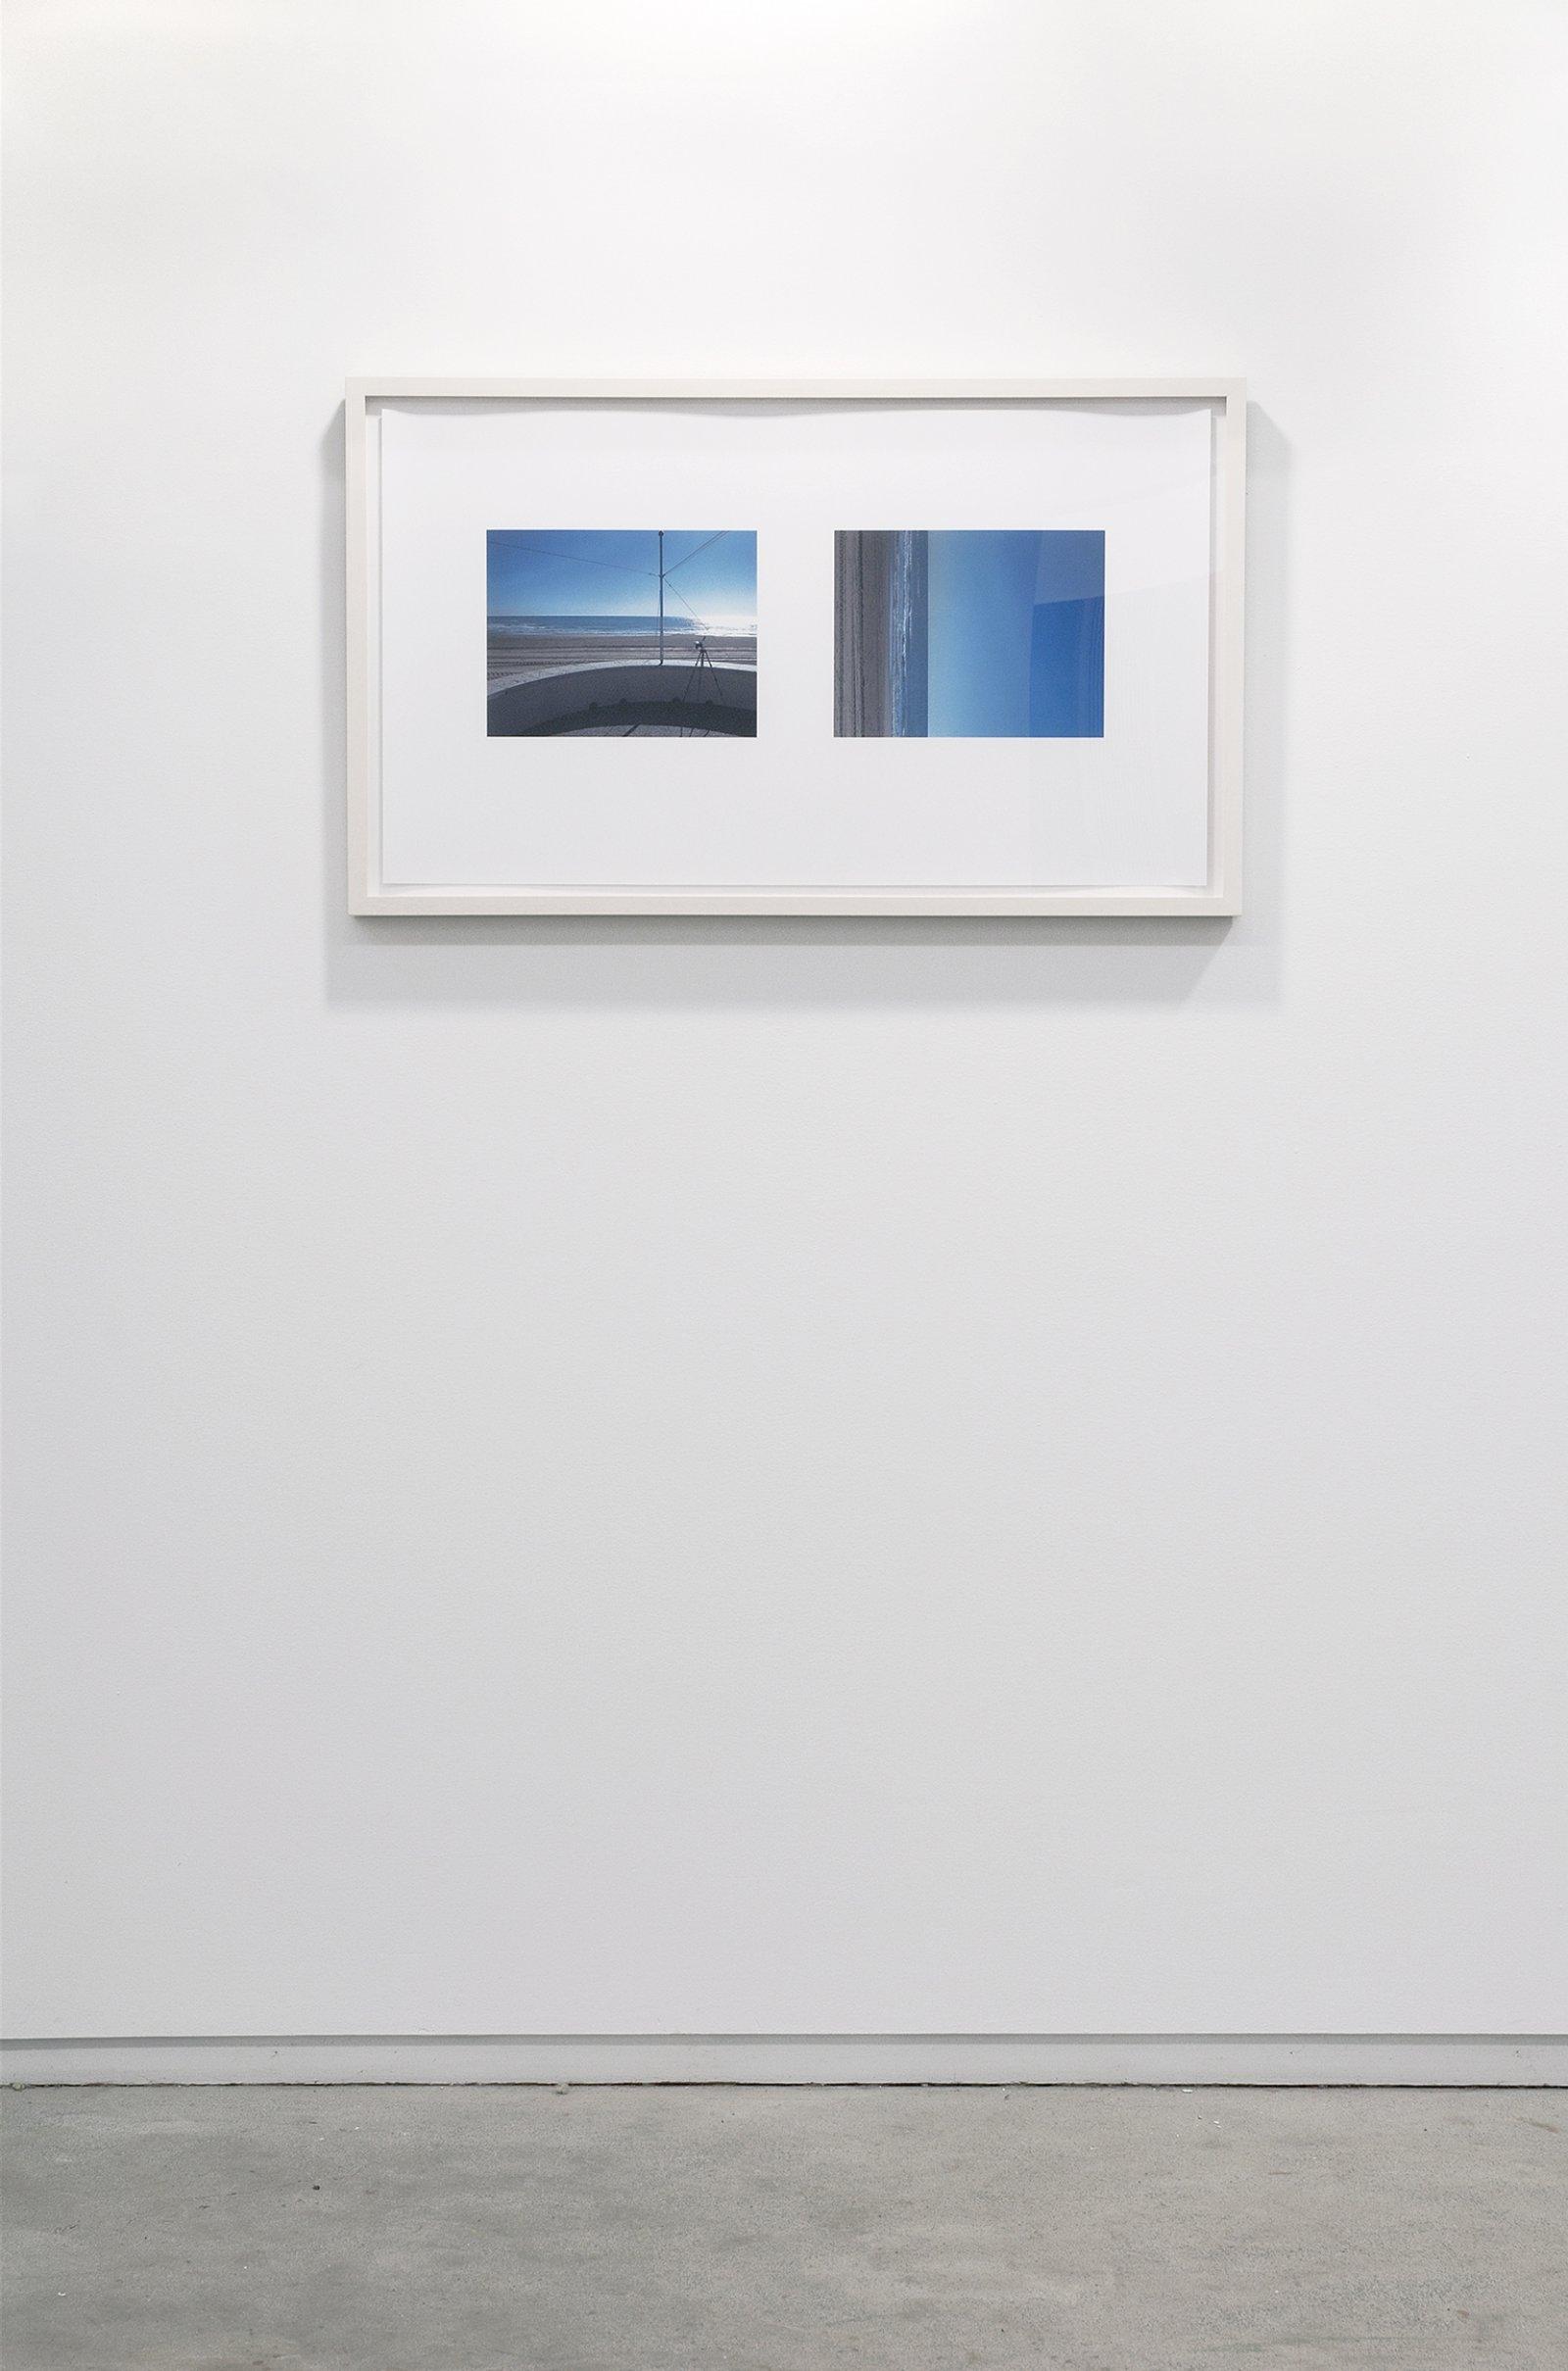 Ian Wallace, Voramar Horizon, 2007, inkjet on paper, 18 x 32 in. (46 x 81 cm) by Ian Wallace